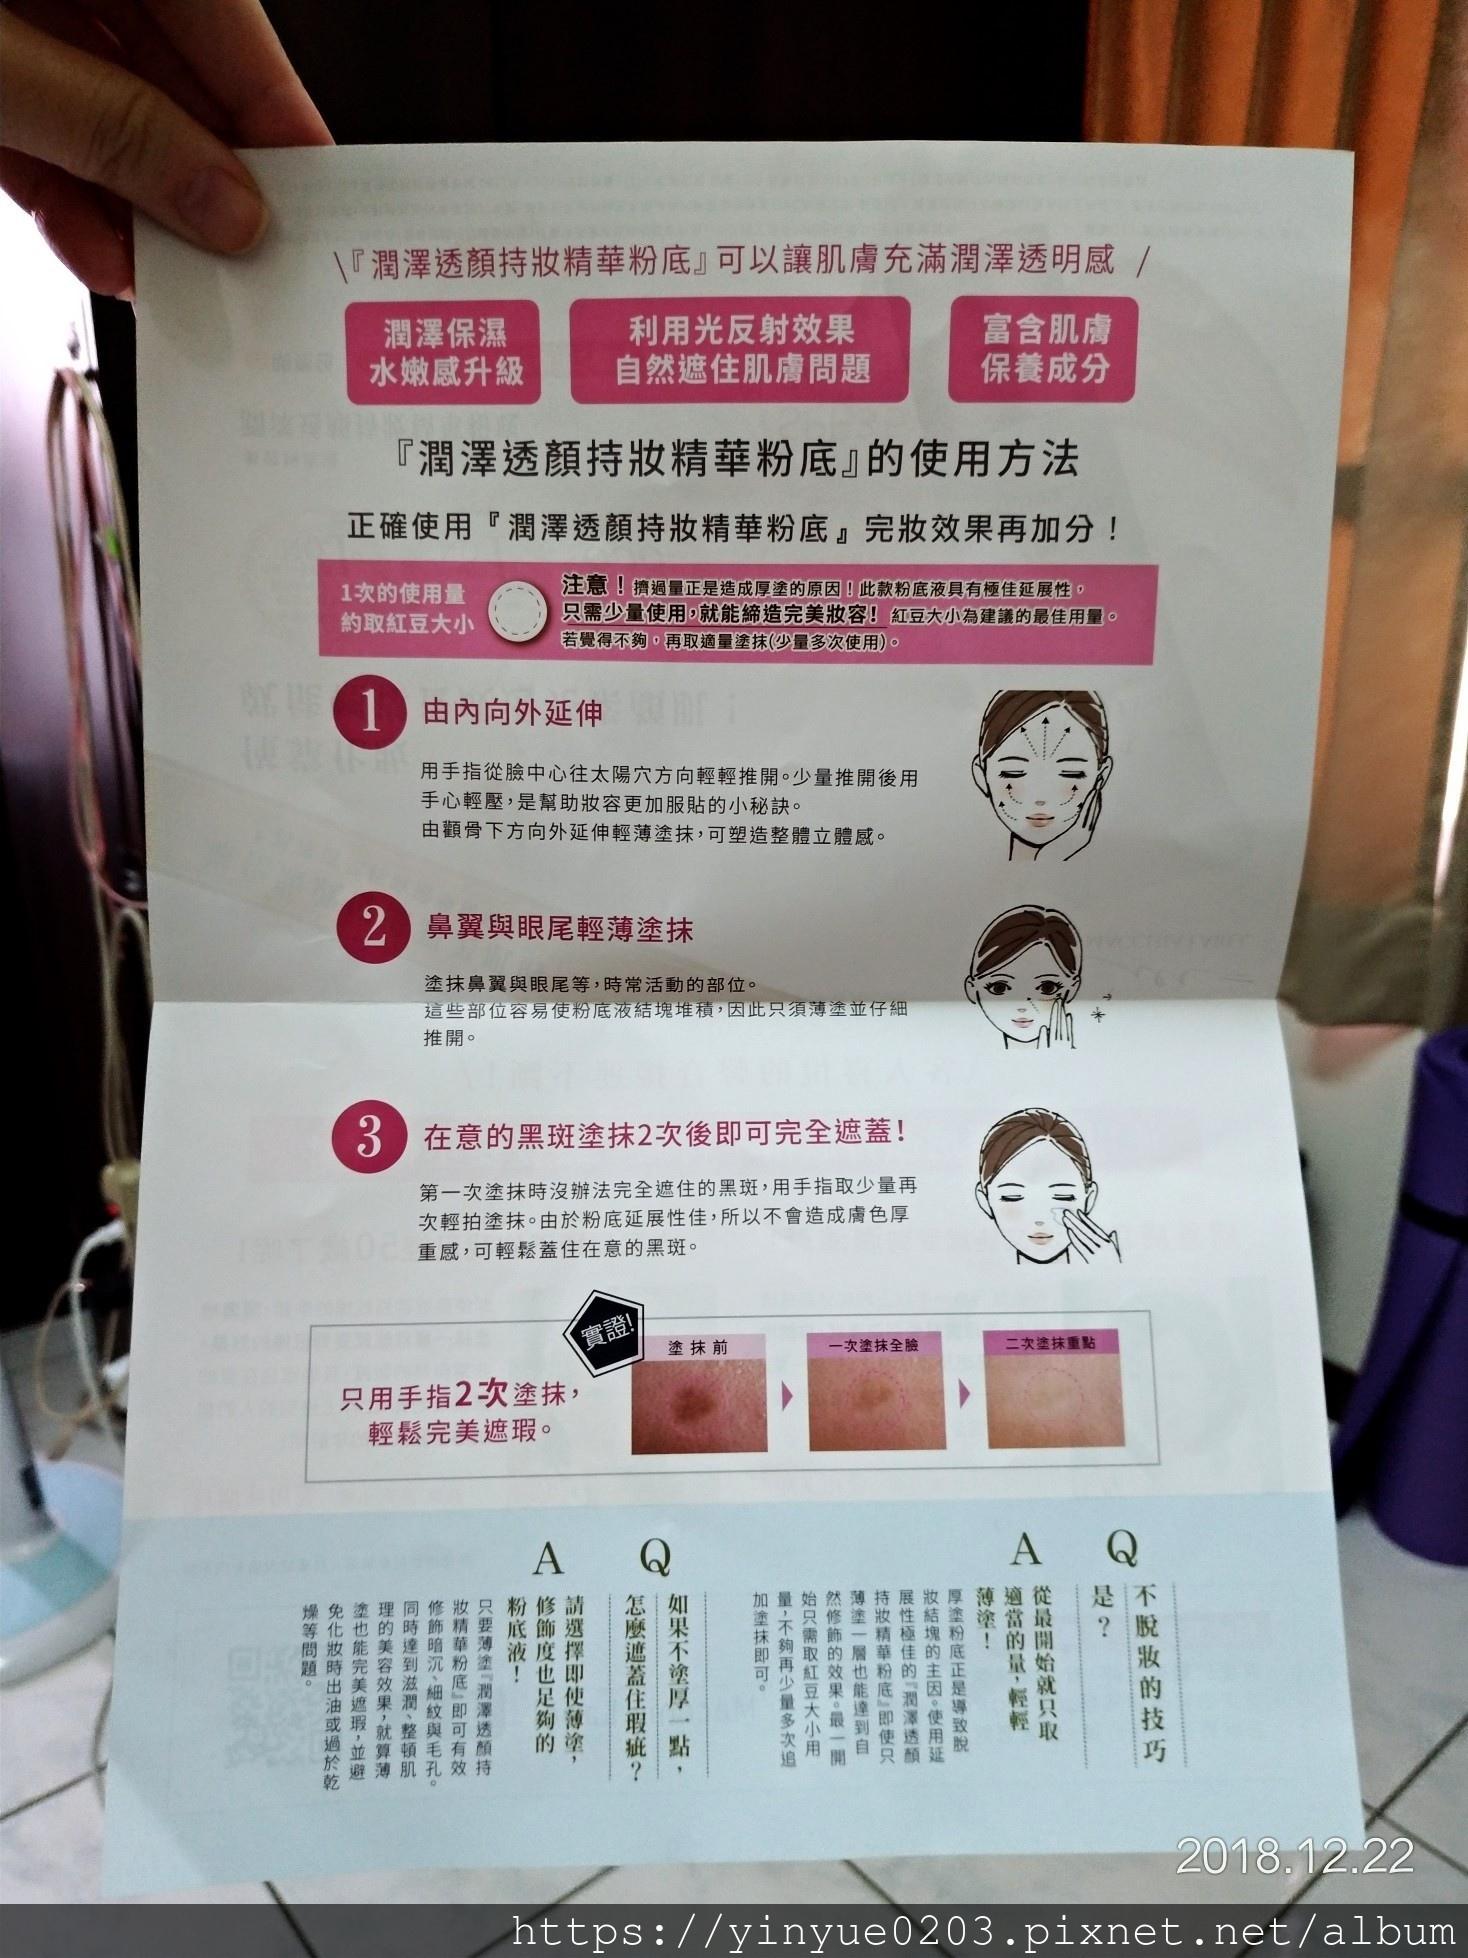 瑪珂蕾貝-潤澤透顏持妝精華粉底使用方法